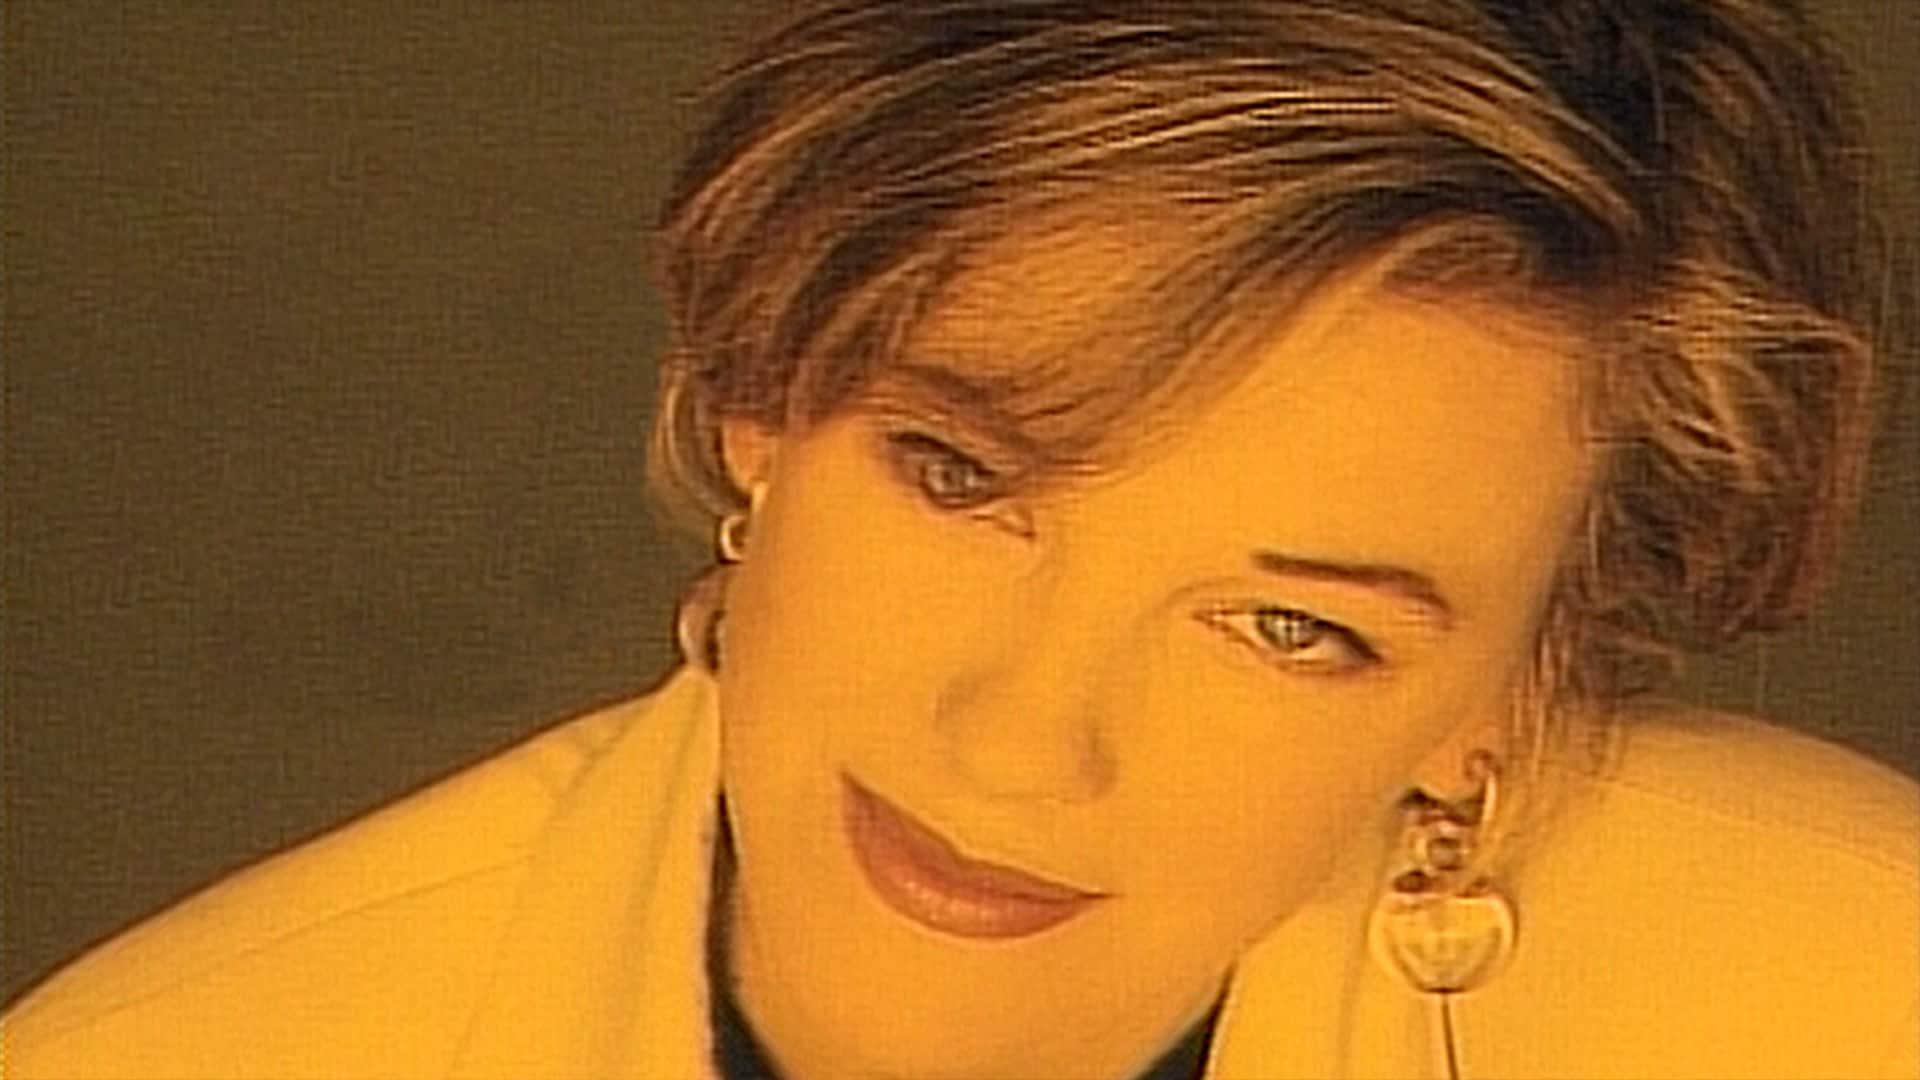 Catherine O'Hara: April 13, 1991